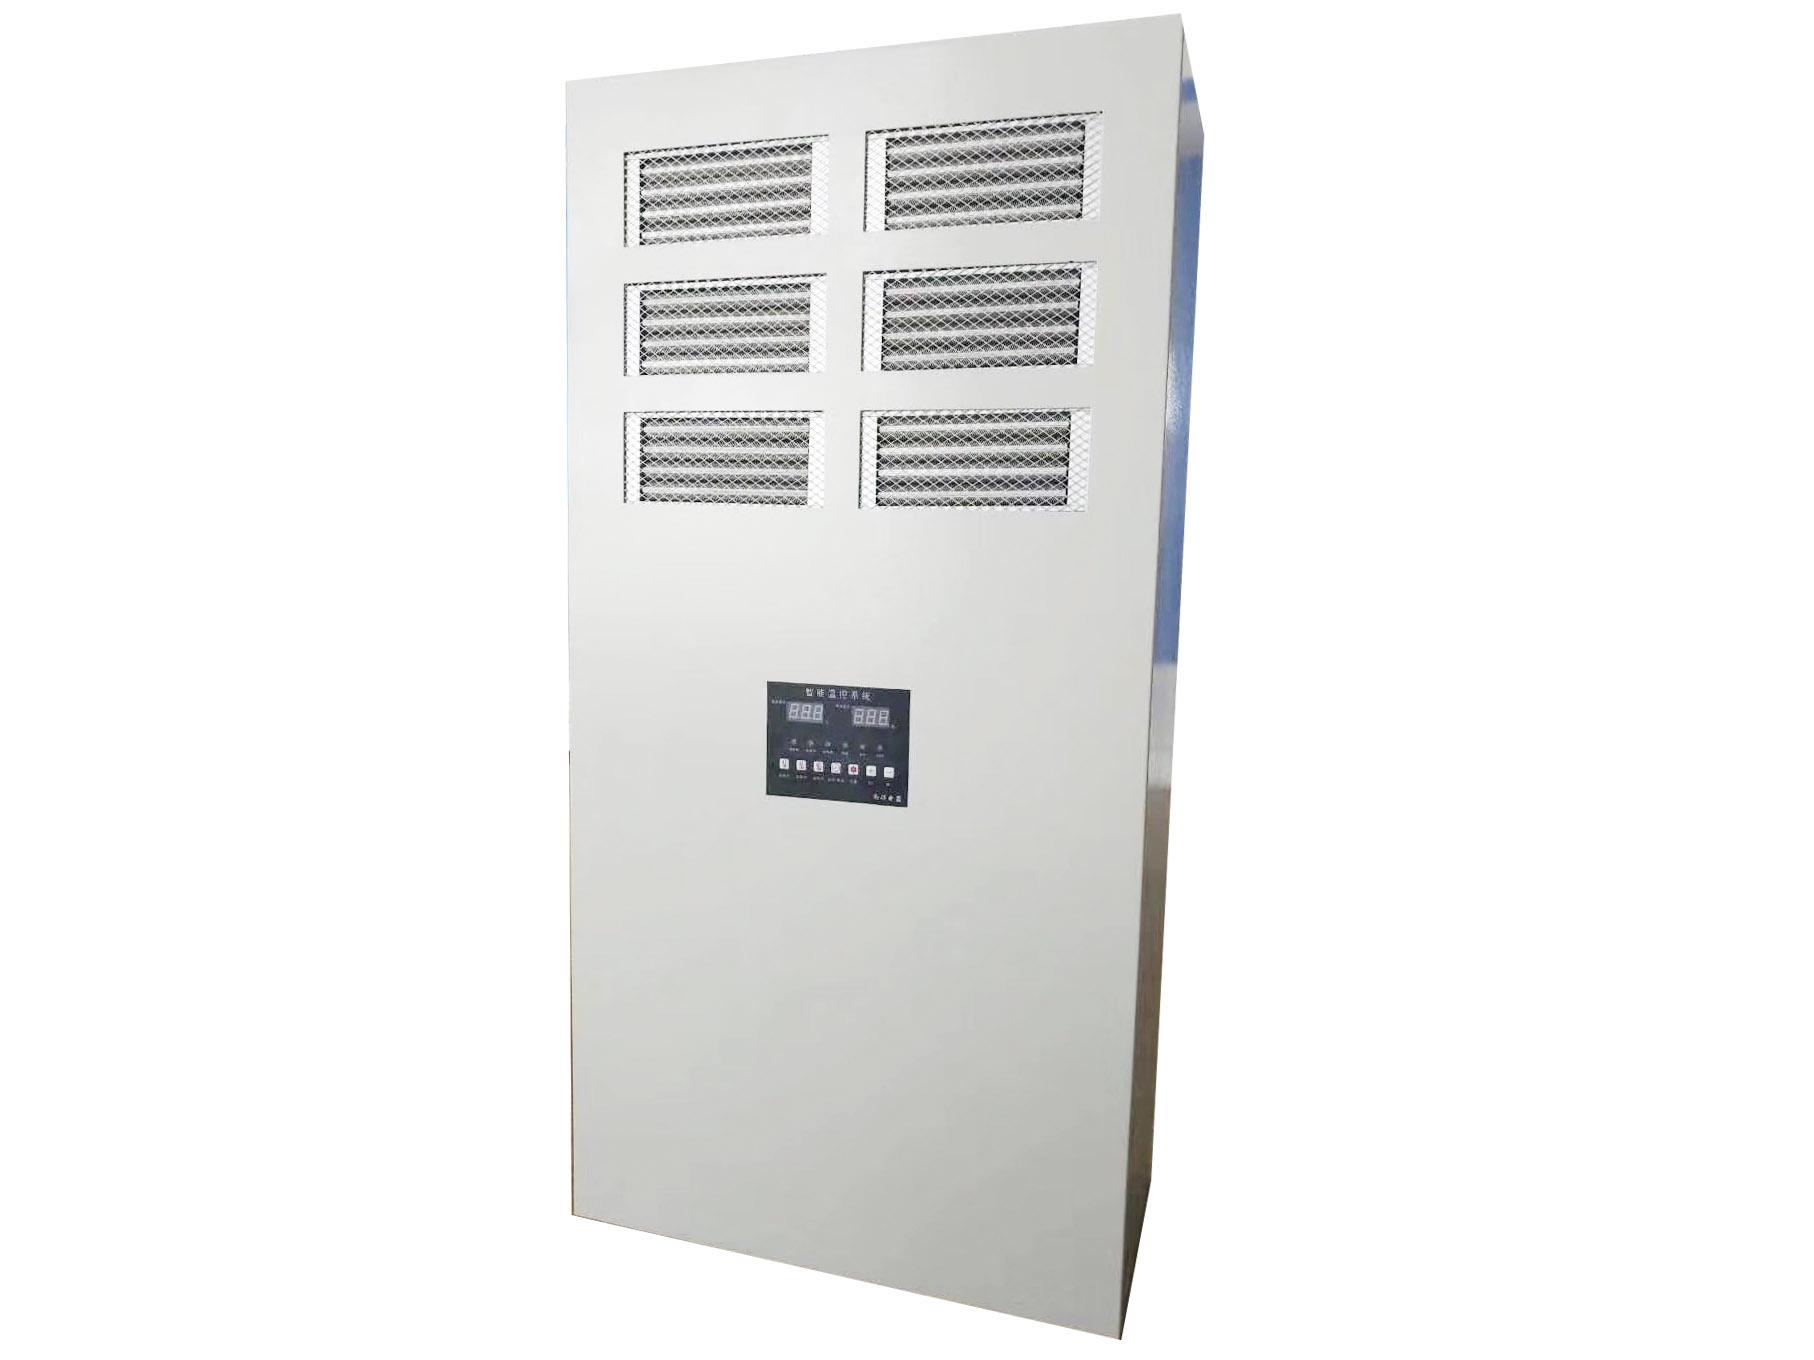 福建石墨烯热风机生产厂家——【荐】高质量的石墨烯暖风机供销